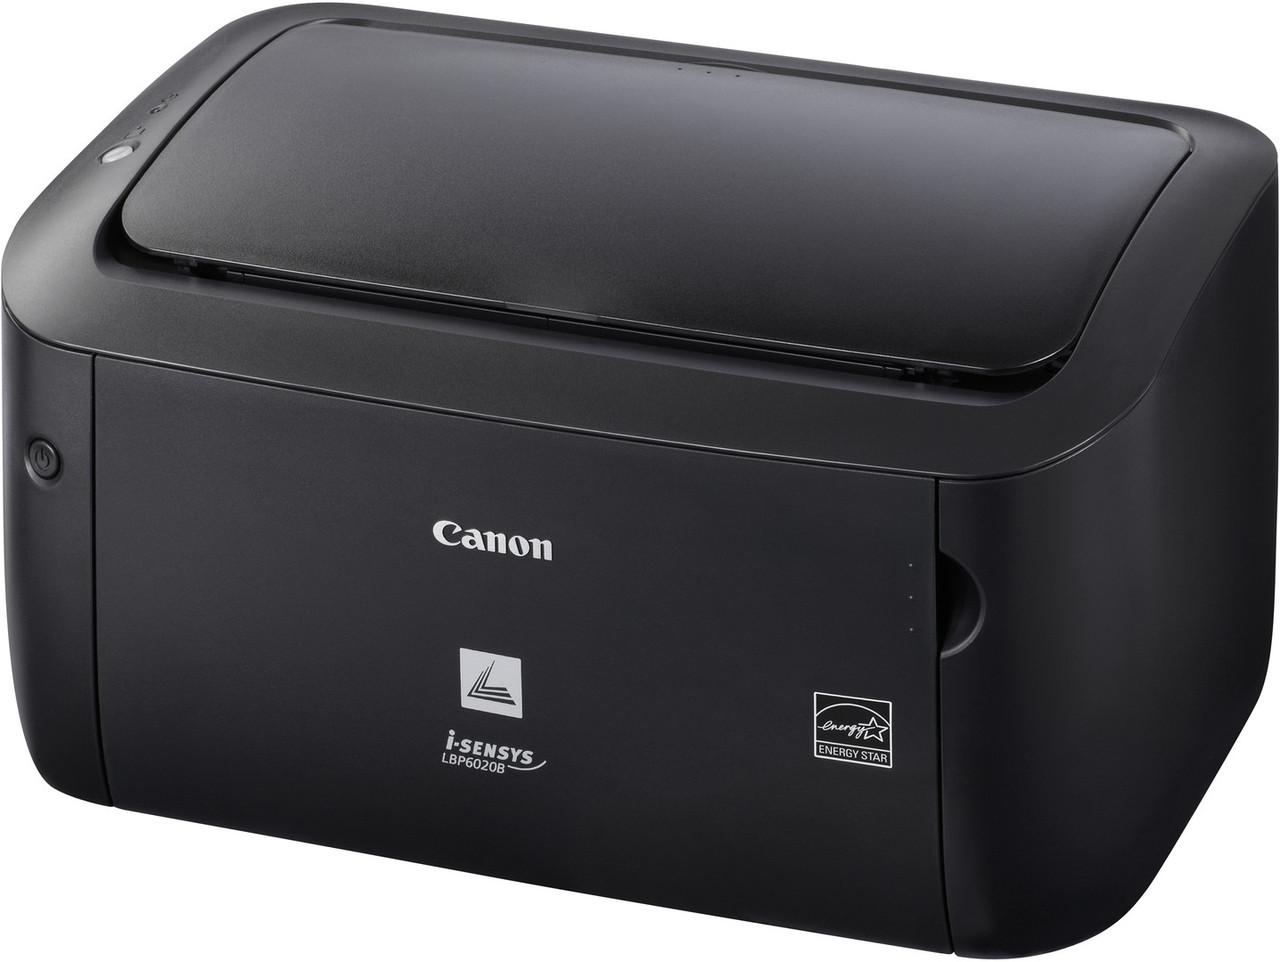 Принтер сanon lbp 6020 black